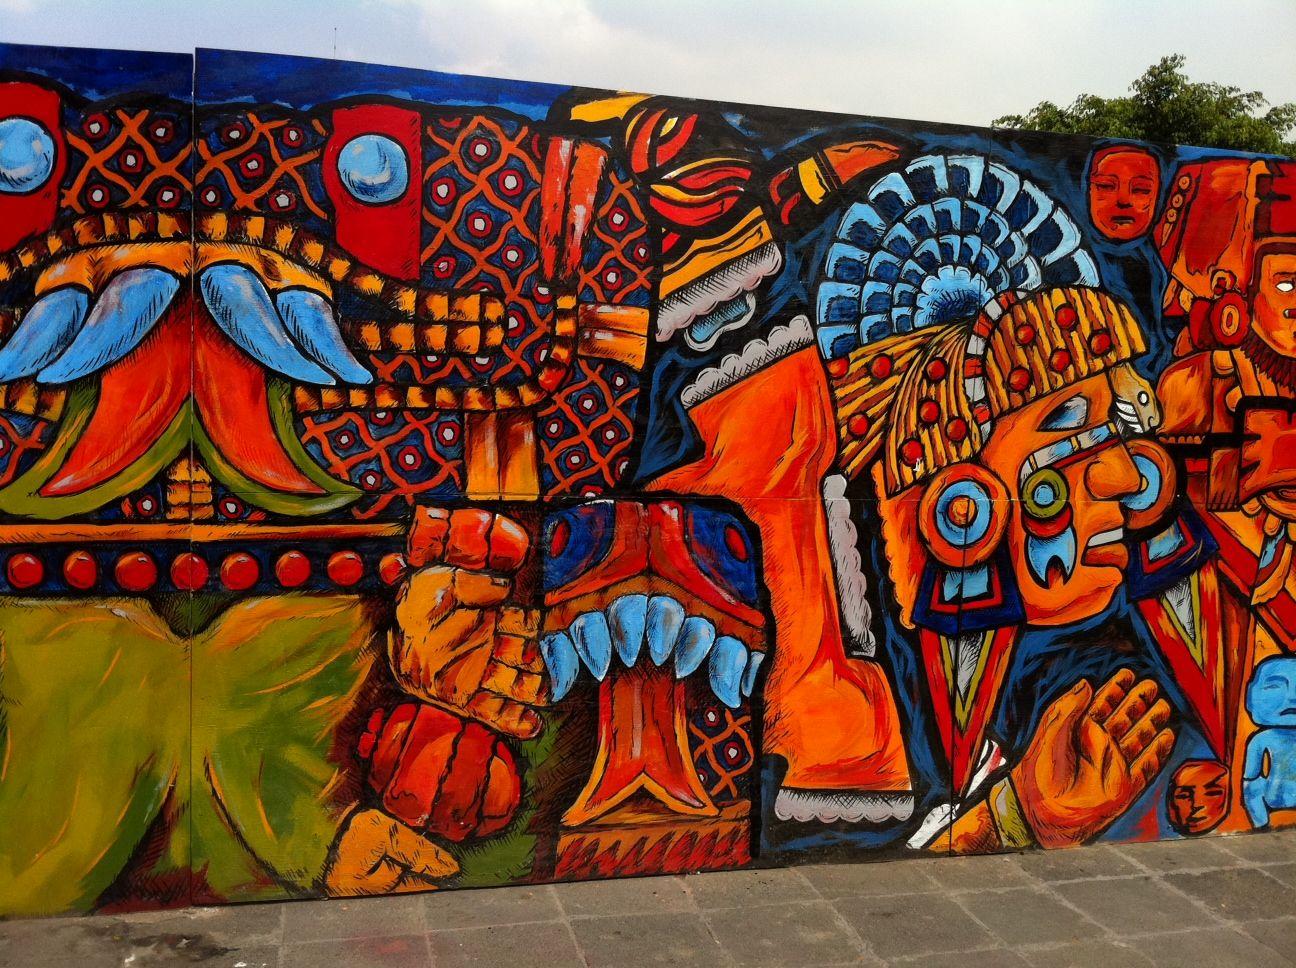 La ciudaddemexico es una de las metr polis m s coloridas for Arte mural mexicano